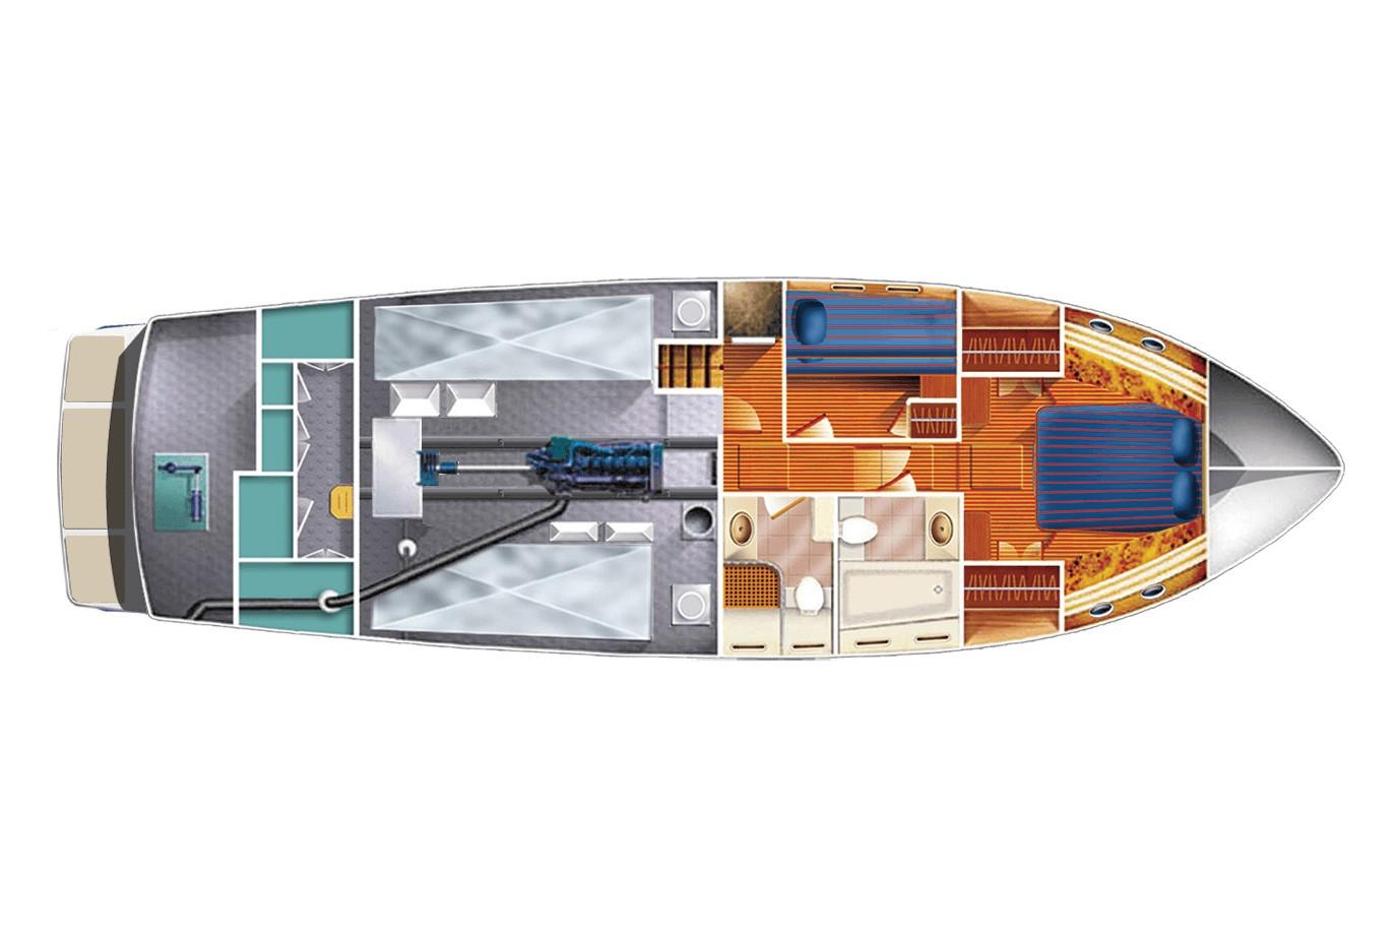 2011 Selene 45, Lower deck layout